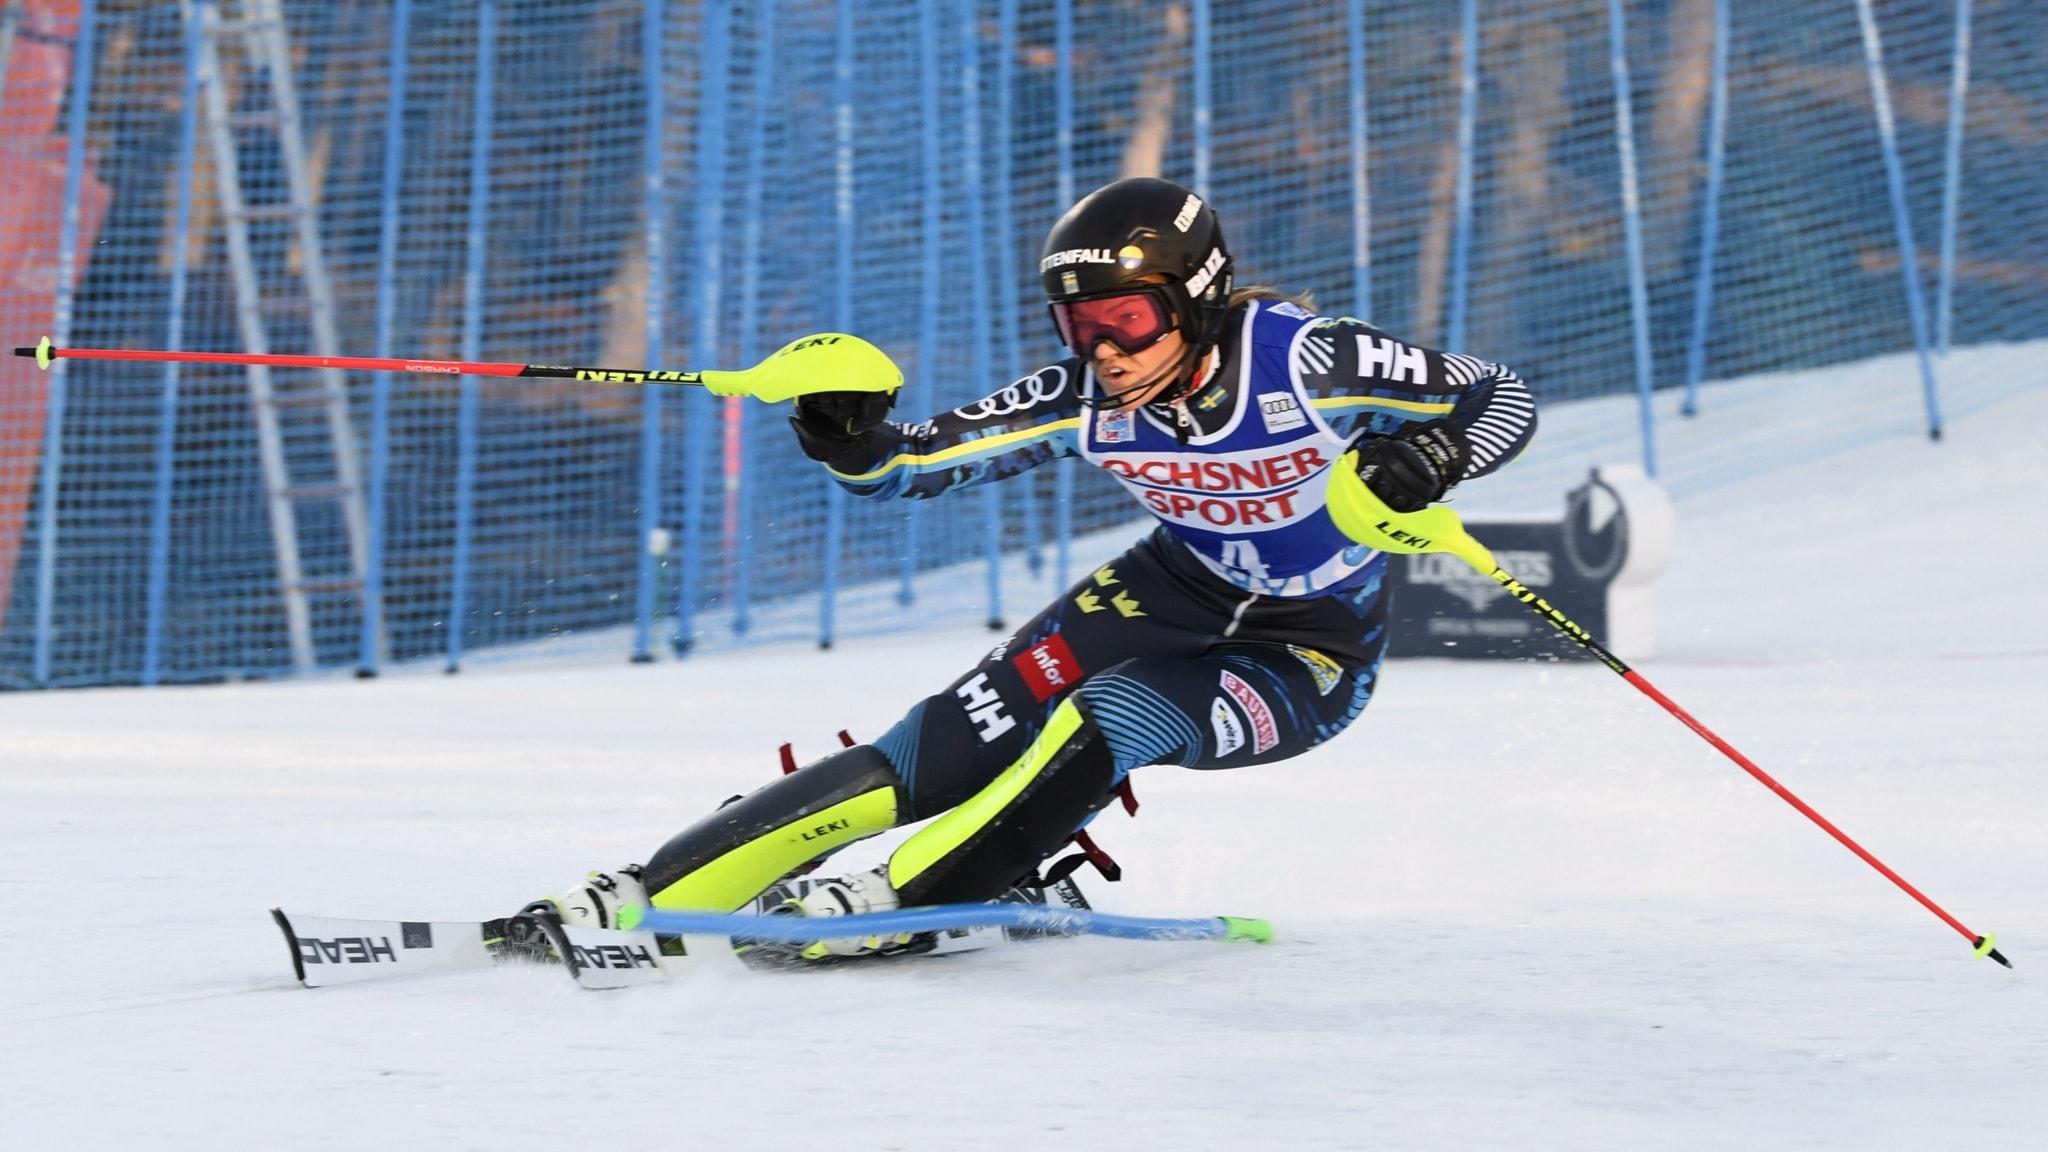 Världscuppremiär i slalom